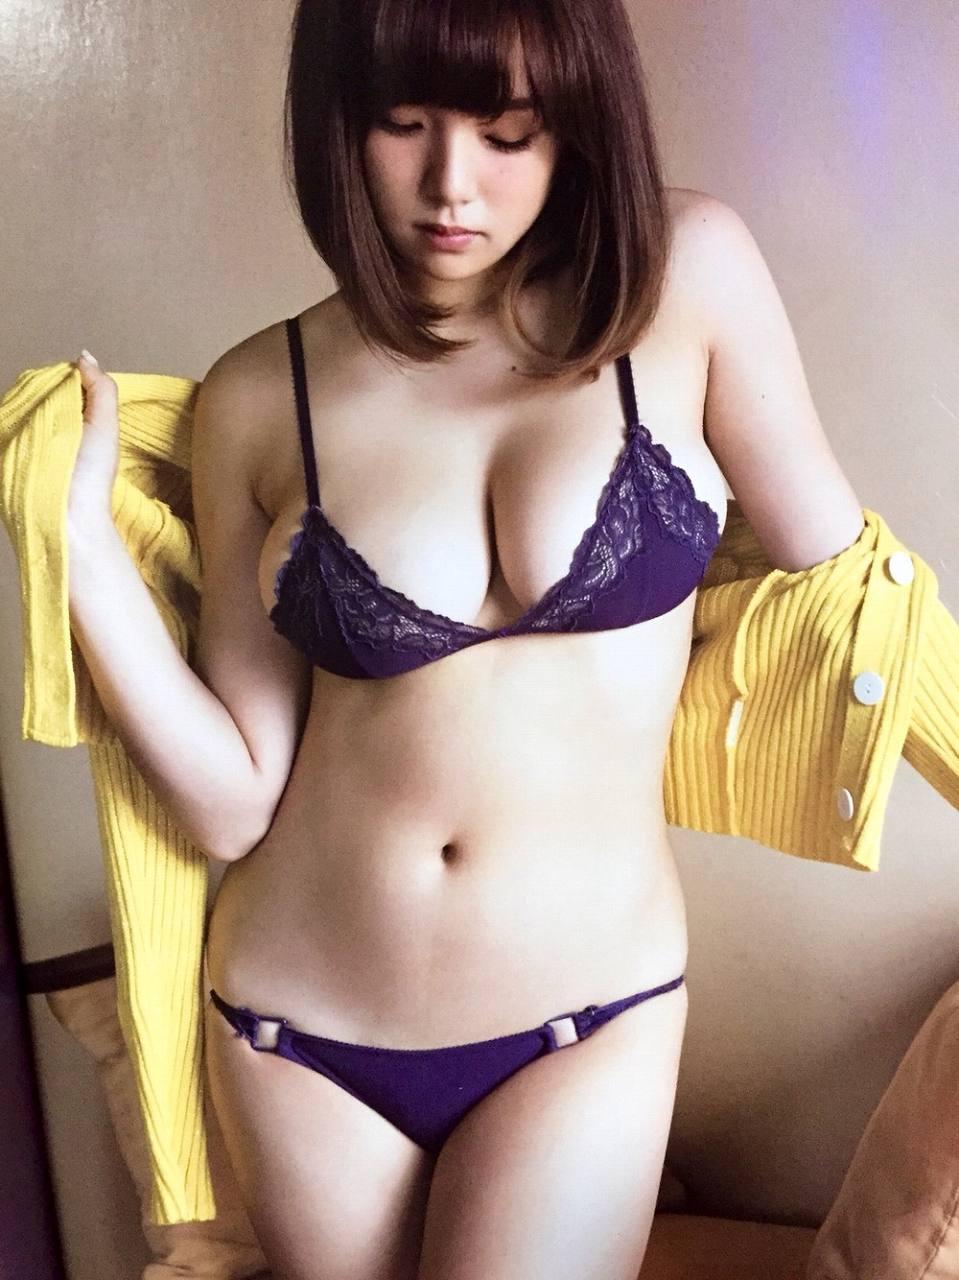 「フライデー(FRIDAY)」、篠崎愛のビキニ水着グラビア(ついにNG解禁、官能の美体!!)